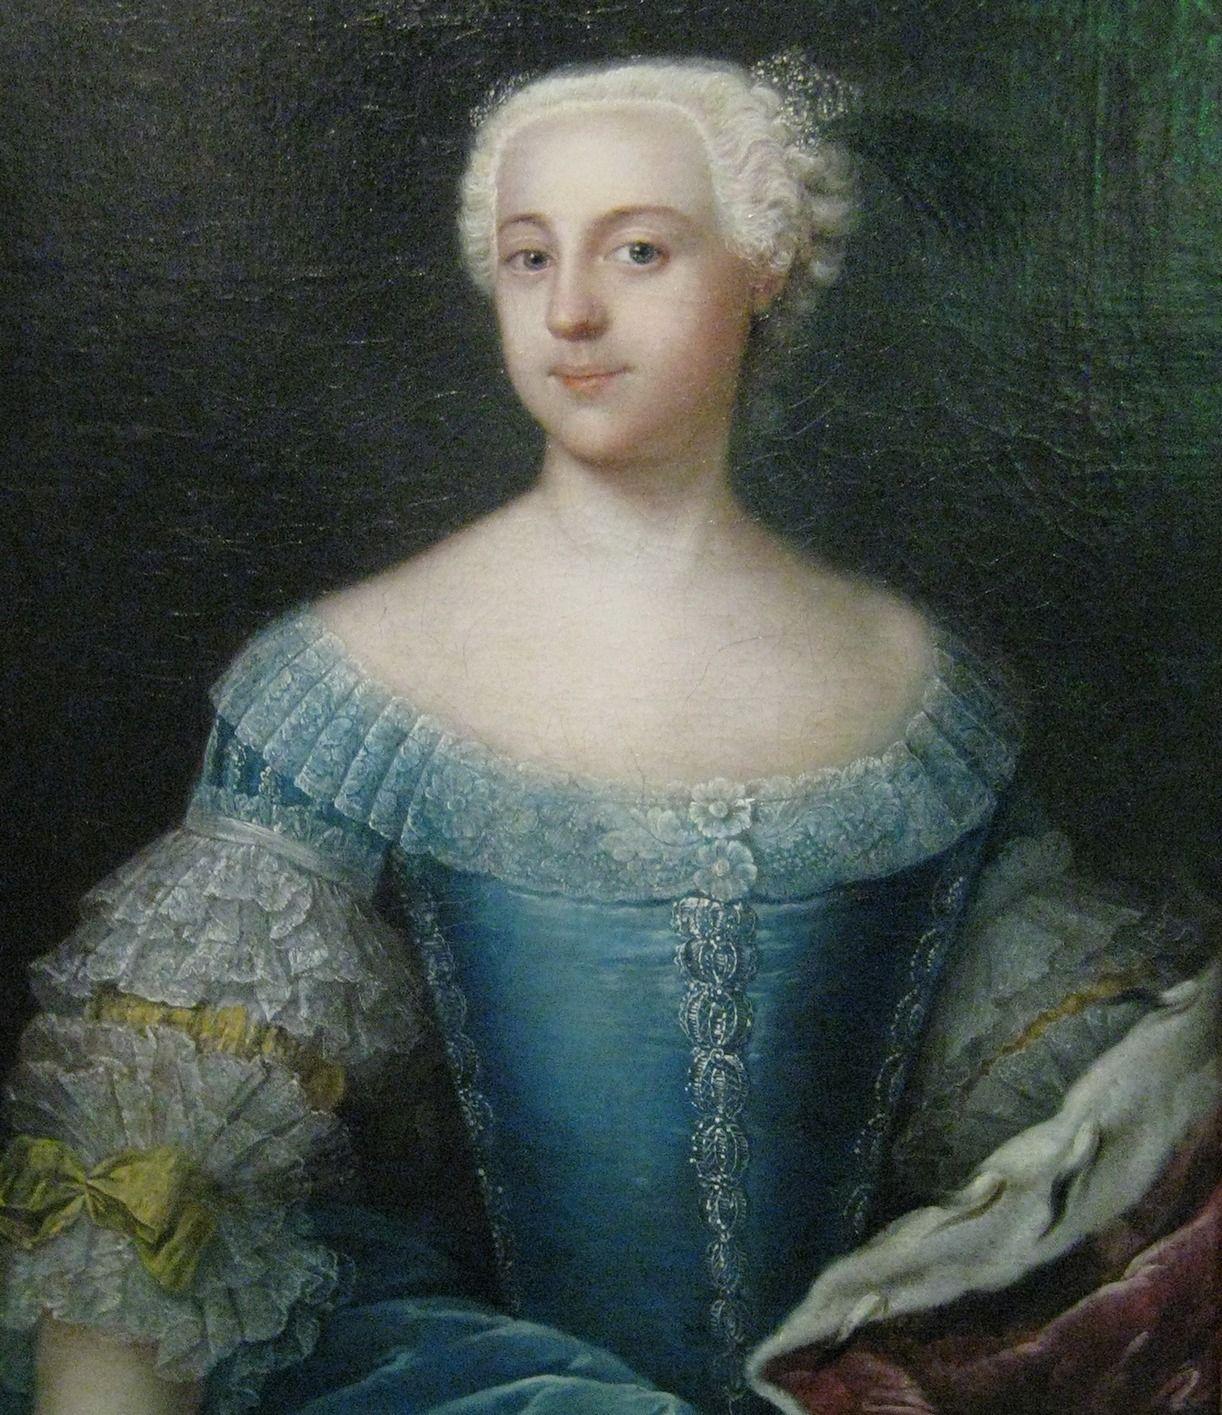 Wielka kariera Katarzyny II omal nie skończyła się jeszcze zanim na dobre zaczęła. Nieudolne leczenie ospy omal nie zabiło jej tak, jak brata jej matki kilkanaście lat wcześniej. Obraz Anny Rosiny Lisiewskiej z 1742 roku (źródło: domena publiczna).